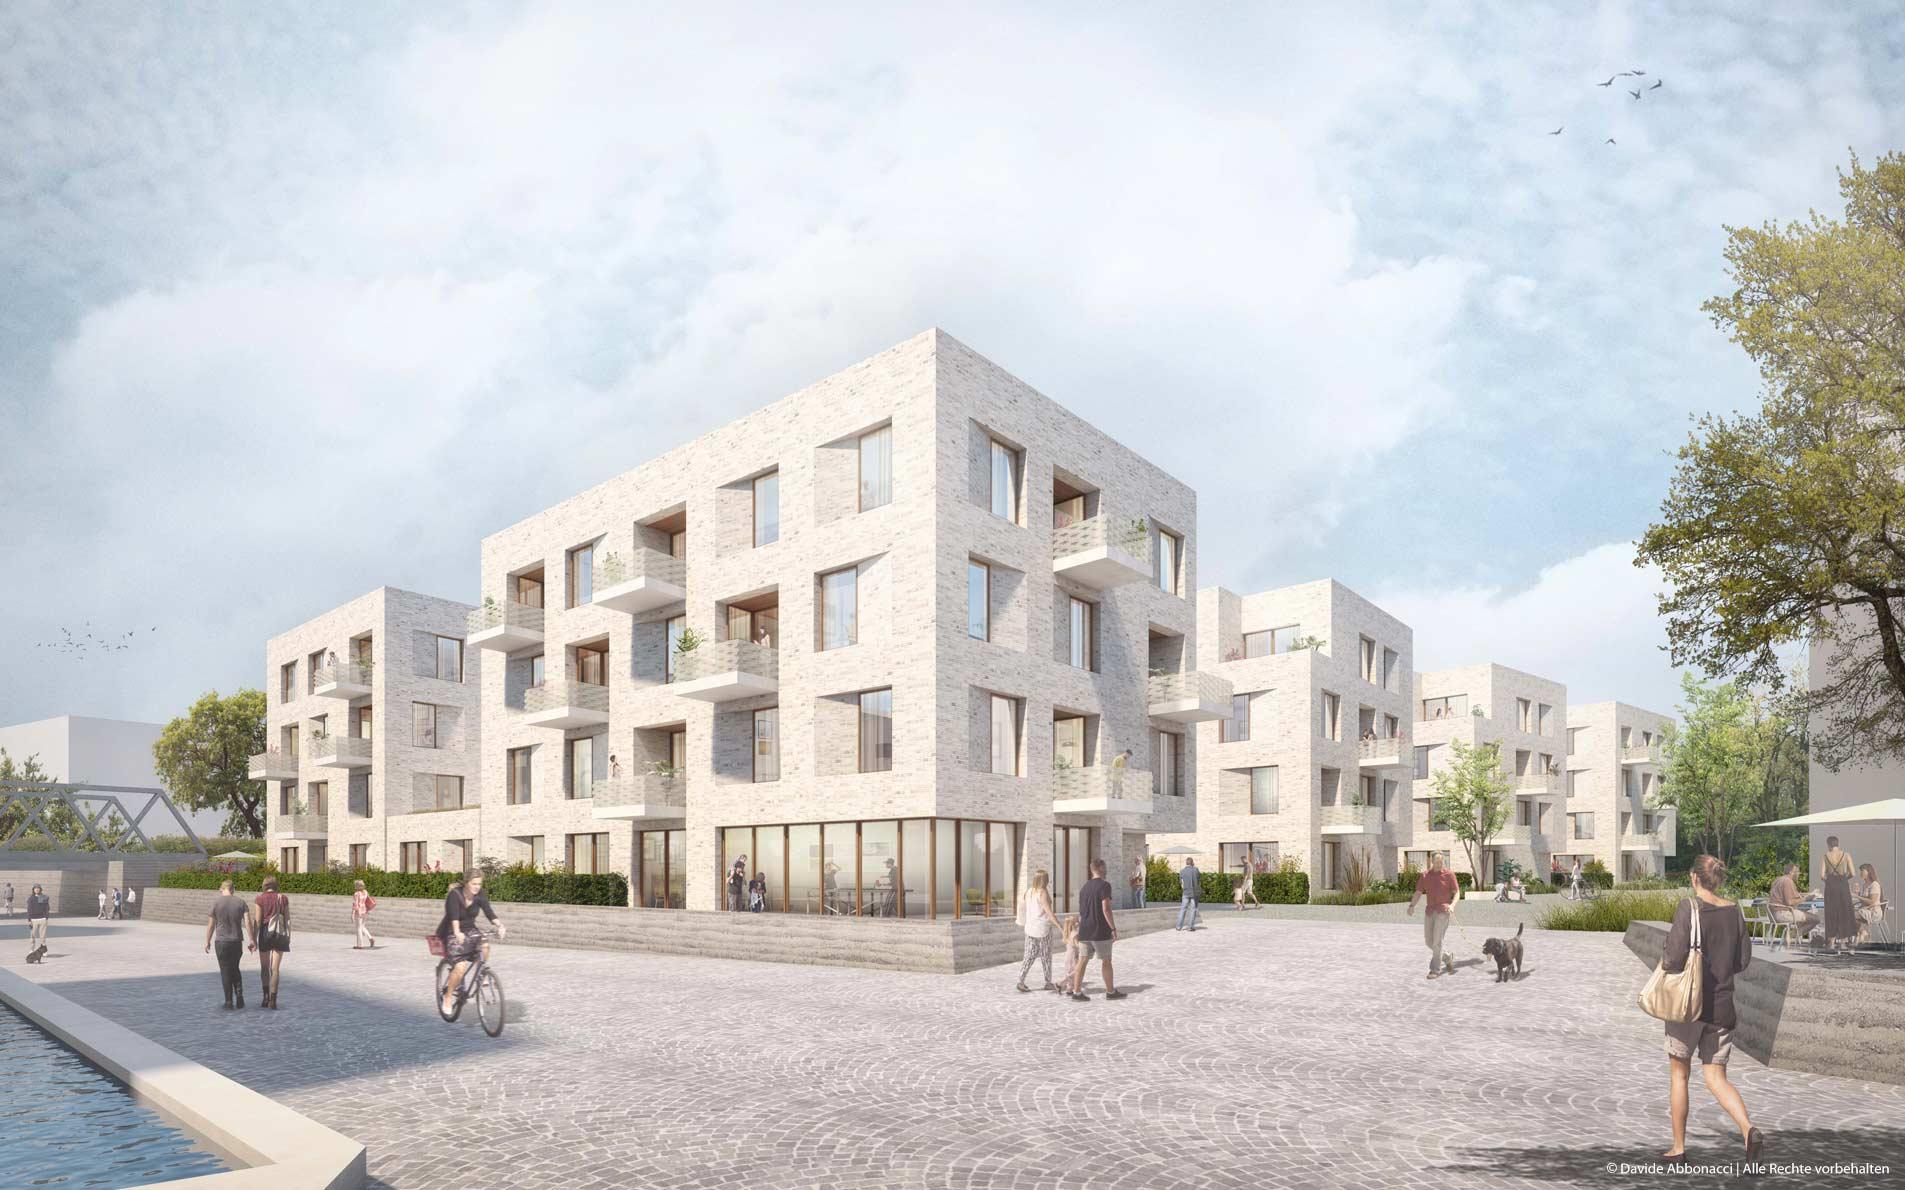 Urbanes Leben am Papierbach, Landsberg am Lech | Guder Hoffend Architekten | 2017 Wettbewerbsvisualisierung